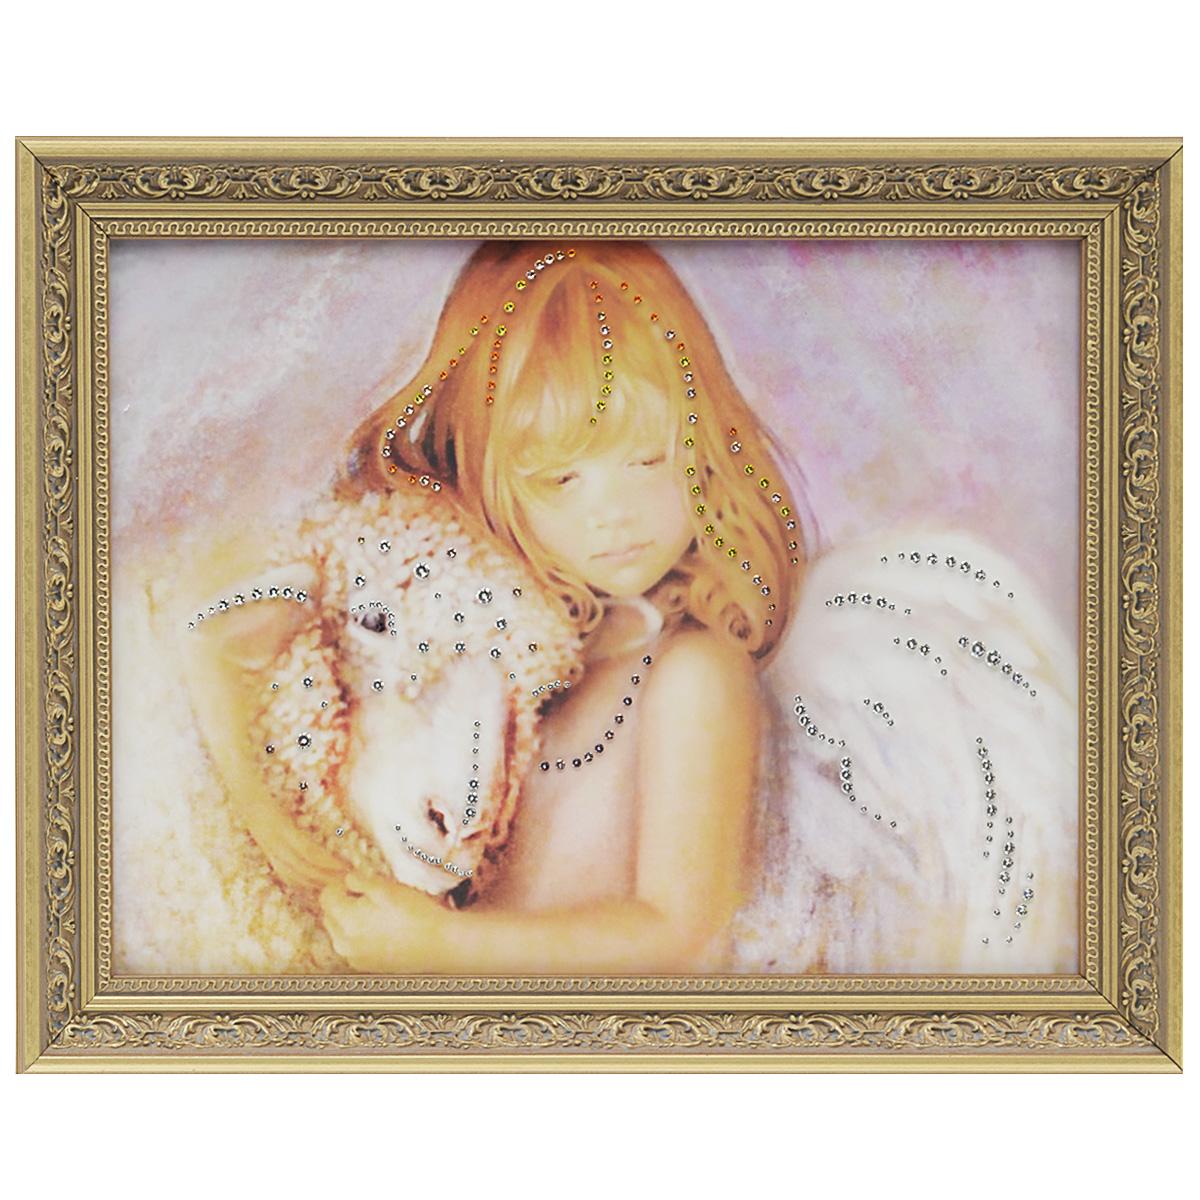 Картина с кристаллами Swarovski Нежность, 47 см х 37 см1549Изящная картина в багетной раме, инкрустирована кристаллами Swarovski, которые отличаются четкой и ровной огранкой, ярким блеском и чистотой цвета. Красочное изображение овечки, расположенное под стеклом, прекрасно дополняет блеск кристаллов. С обратной стороны имеется металлическая петелька для размещения картины на стене. Картина с кристаллами Swarovski Нежность элегантно украсит интерьер дома или офиса, а также станет прекрасным подарком, который обязательно понравится получателю. Блеск кристаллов в интерьере, что может быть сказочнее и удивительнее. Картина упакована в подарочную картонную коробку синего цвета и комплектуется сертификатом соответствия Swarovski. Количество кристаллов: 204 шт. Размер картины: 37 см х 47 см.